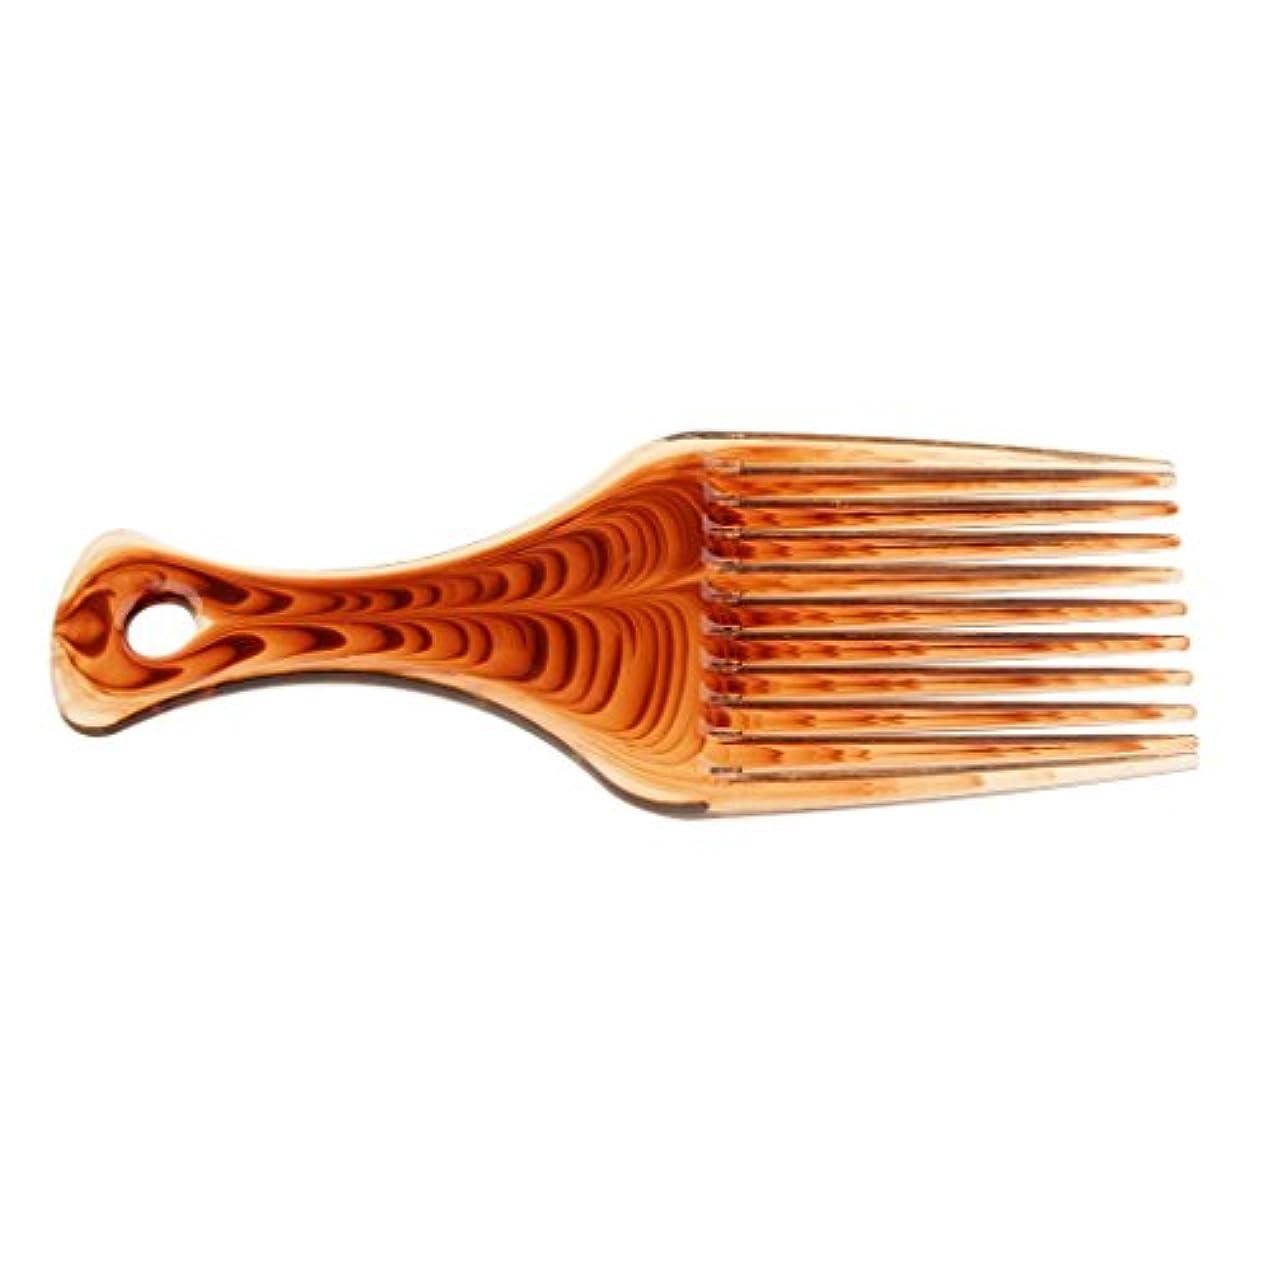 閃光見捨てる財布ヘアブラシ 髪の櫛 アフロ 櫛 プロ 実用的 ヘアスタイリング 持ち上げ ヘアブラシ